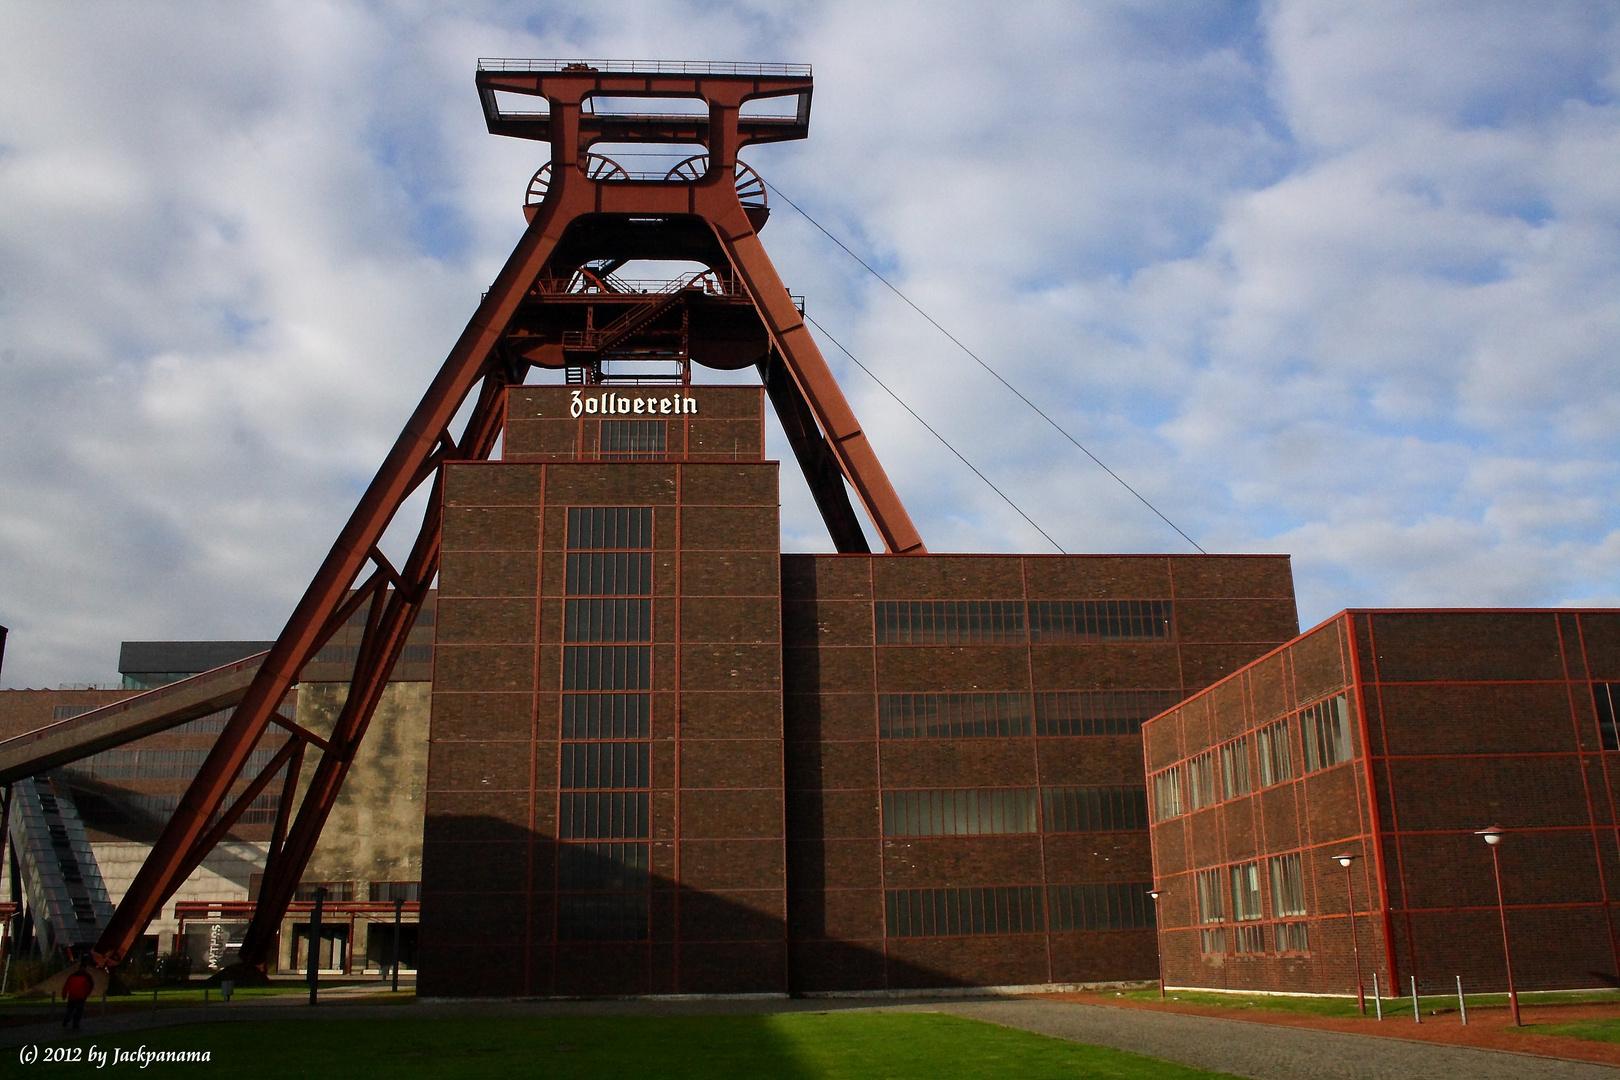 Zeche Zollverein, Essen: Der Doppelbock von Schacht 12